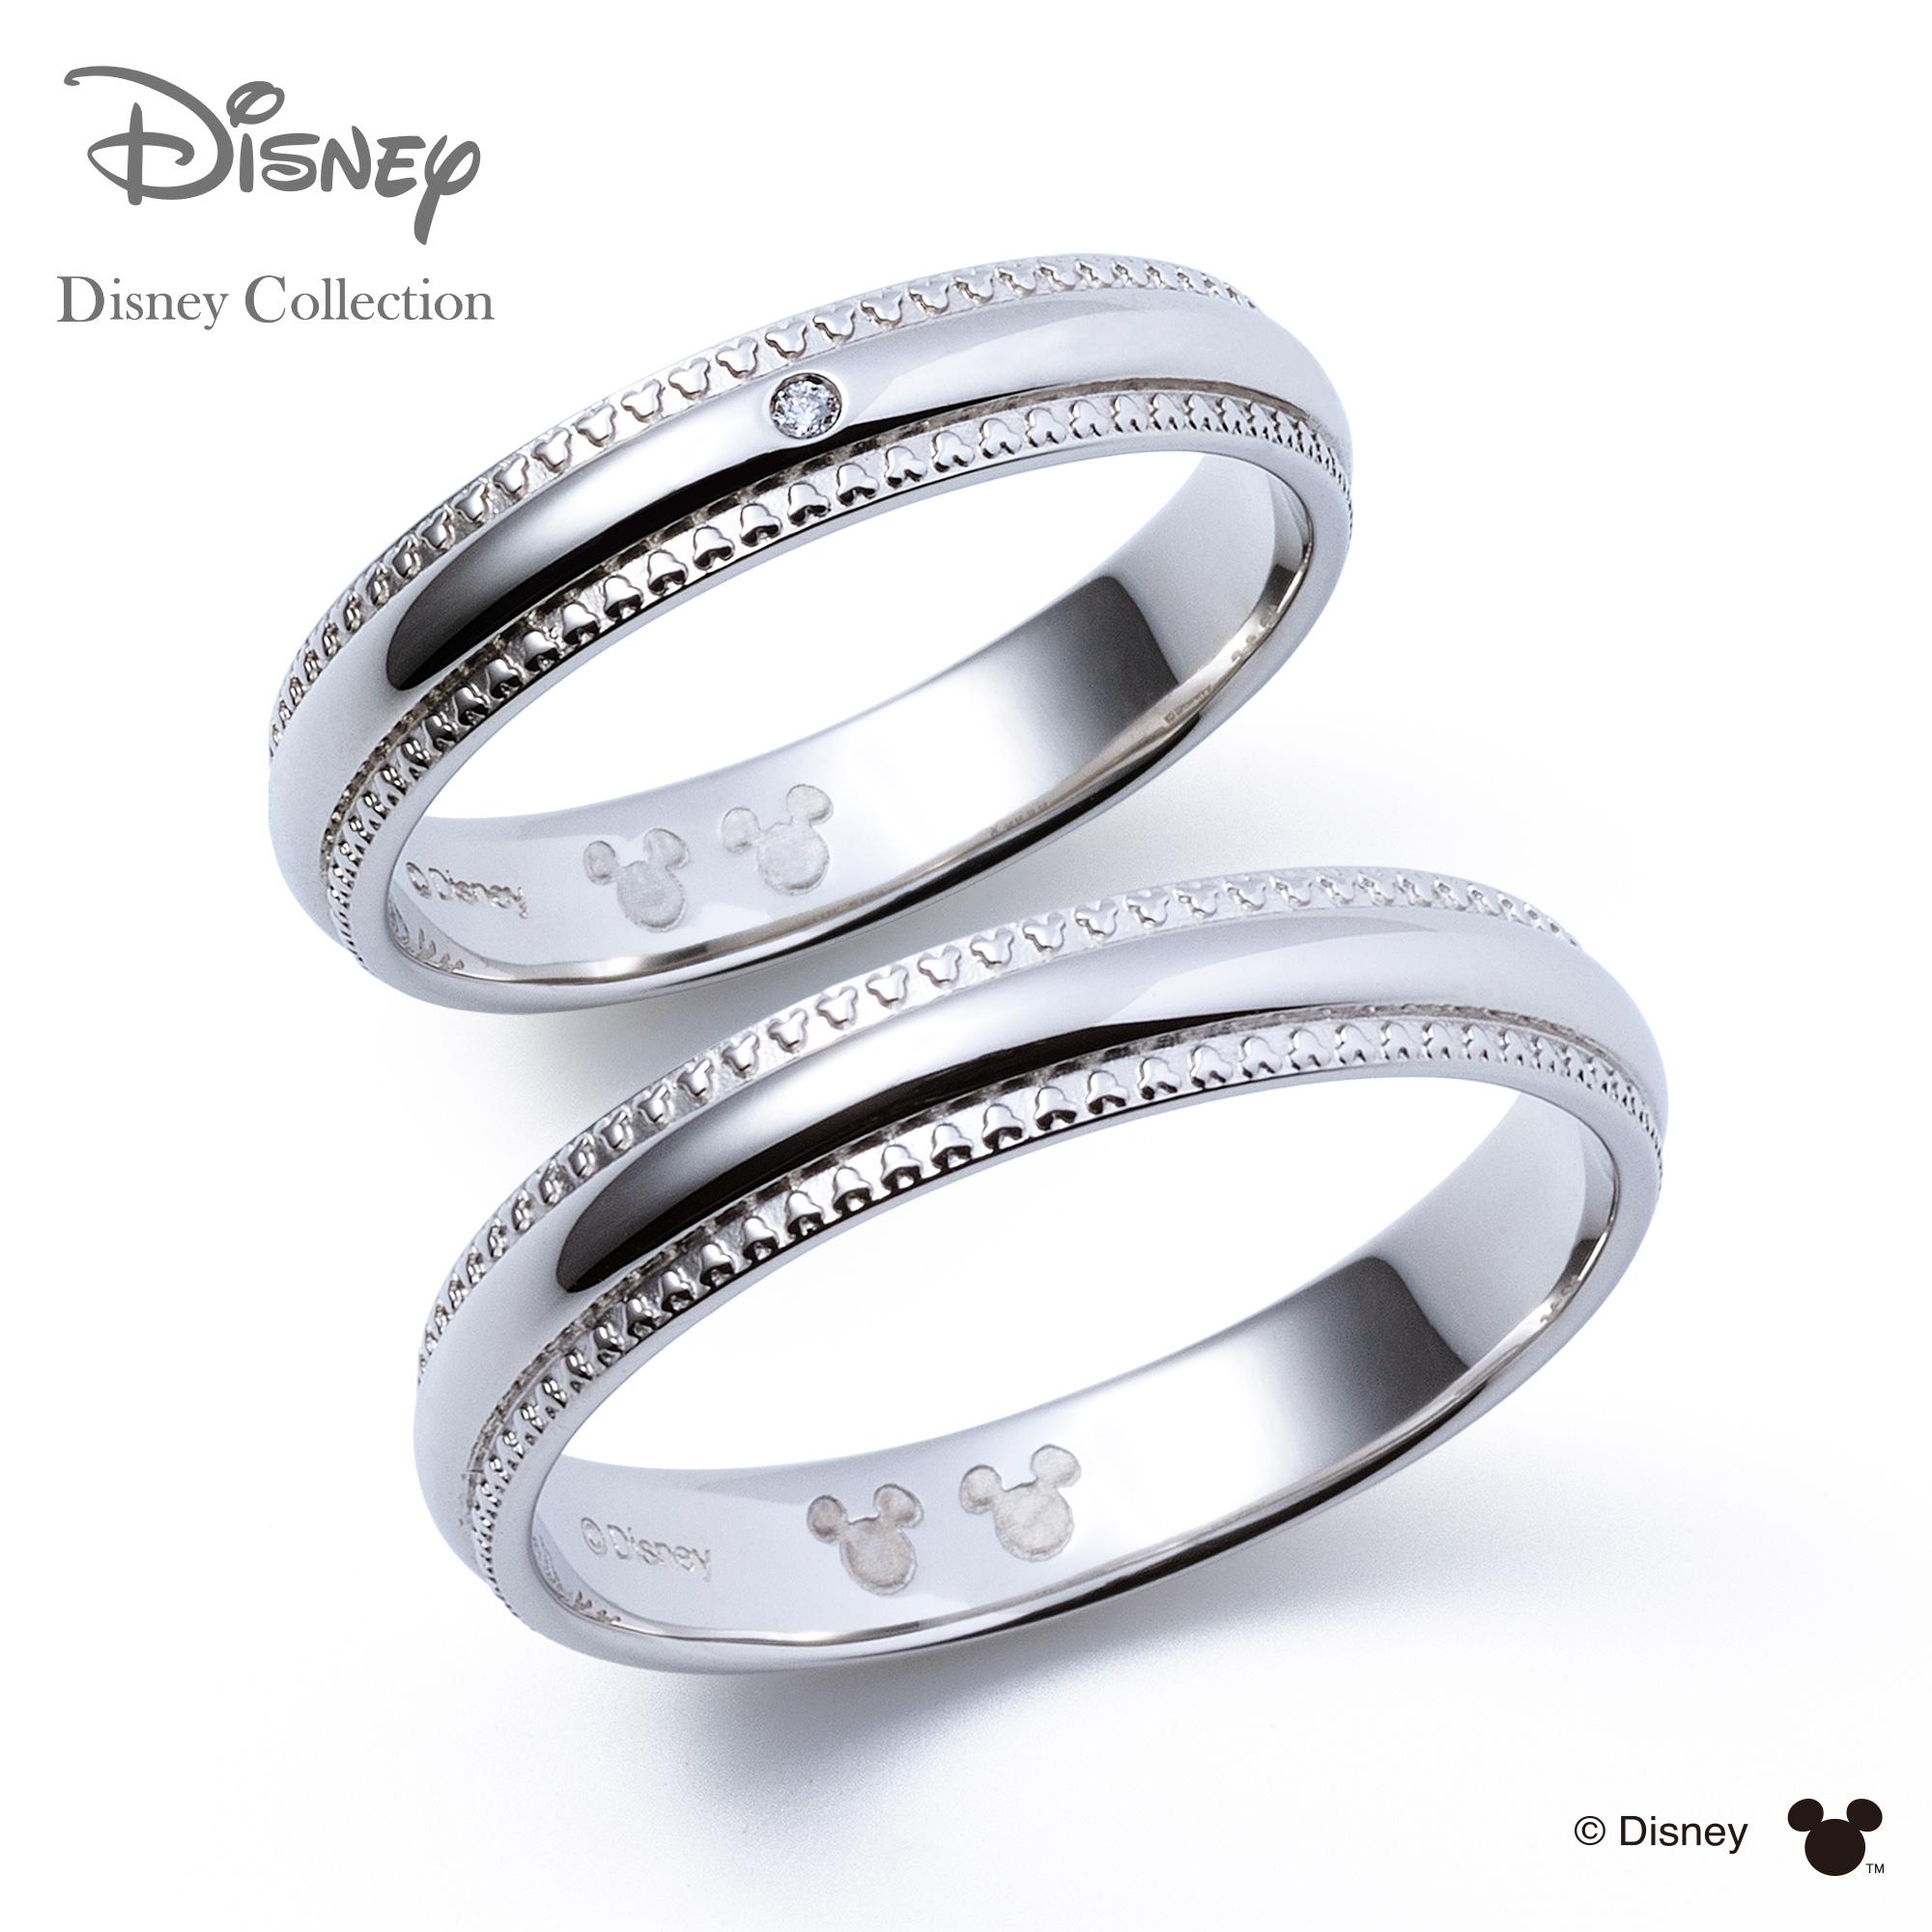 【刻印可_14文字】【ディズニーコレクション】 ディズニー / プラチナ マリッジ リング 結婚指輪 / 隠れミッキーマウス / ペアリング THE KISS リング・指輪 DI-7061108011-7061108021 セット シンプル ザキス 【送料無料】